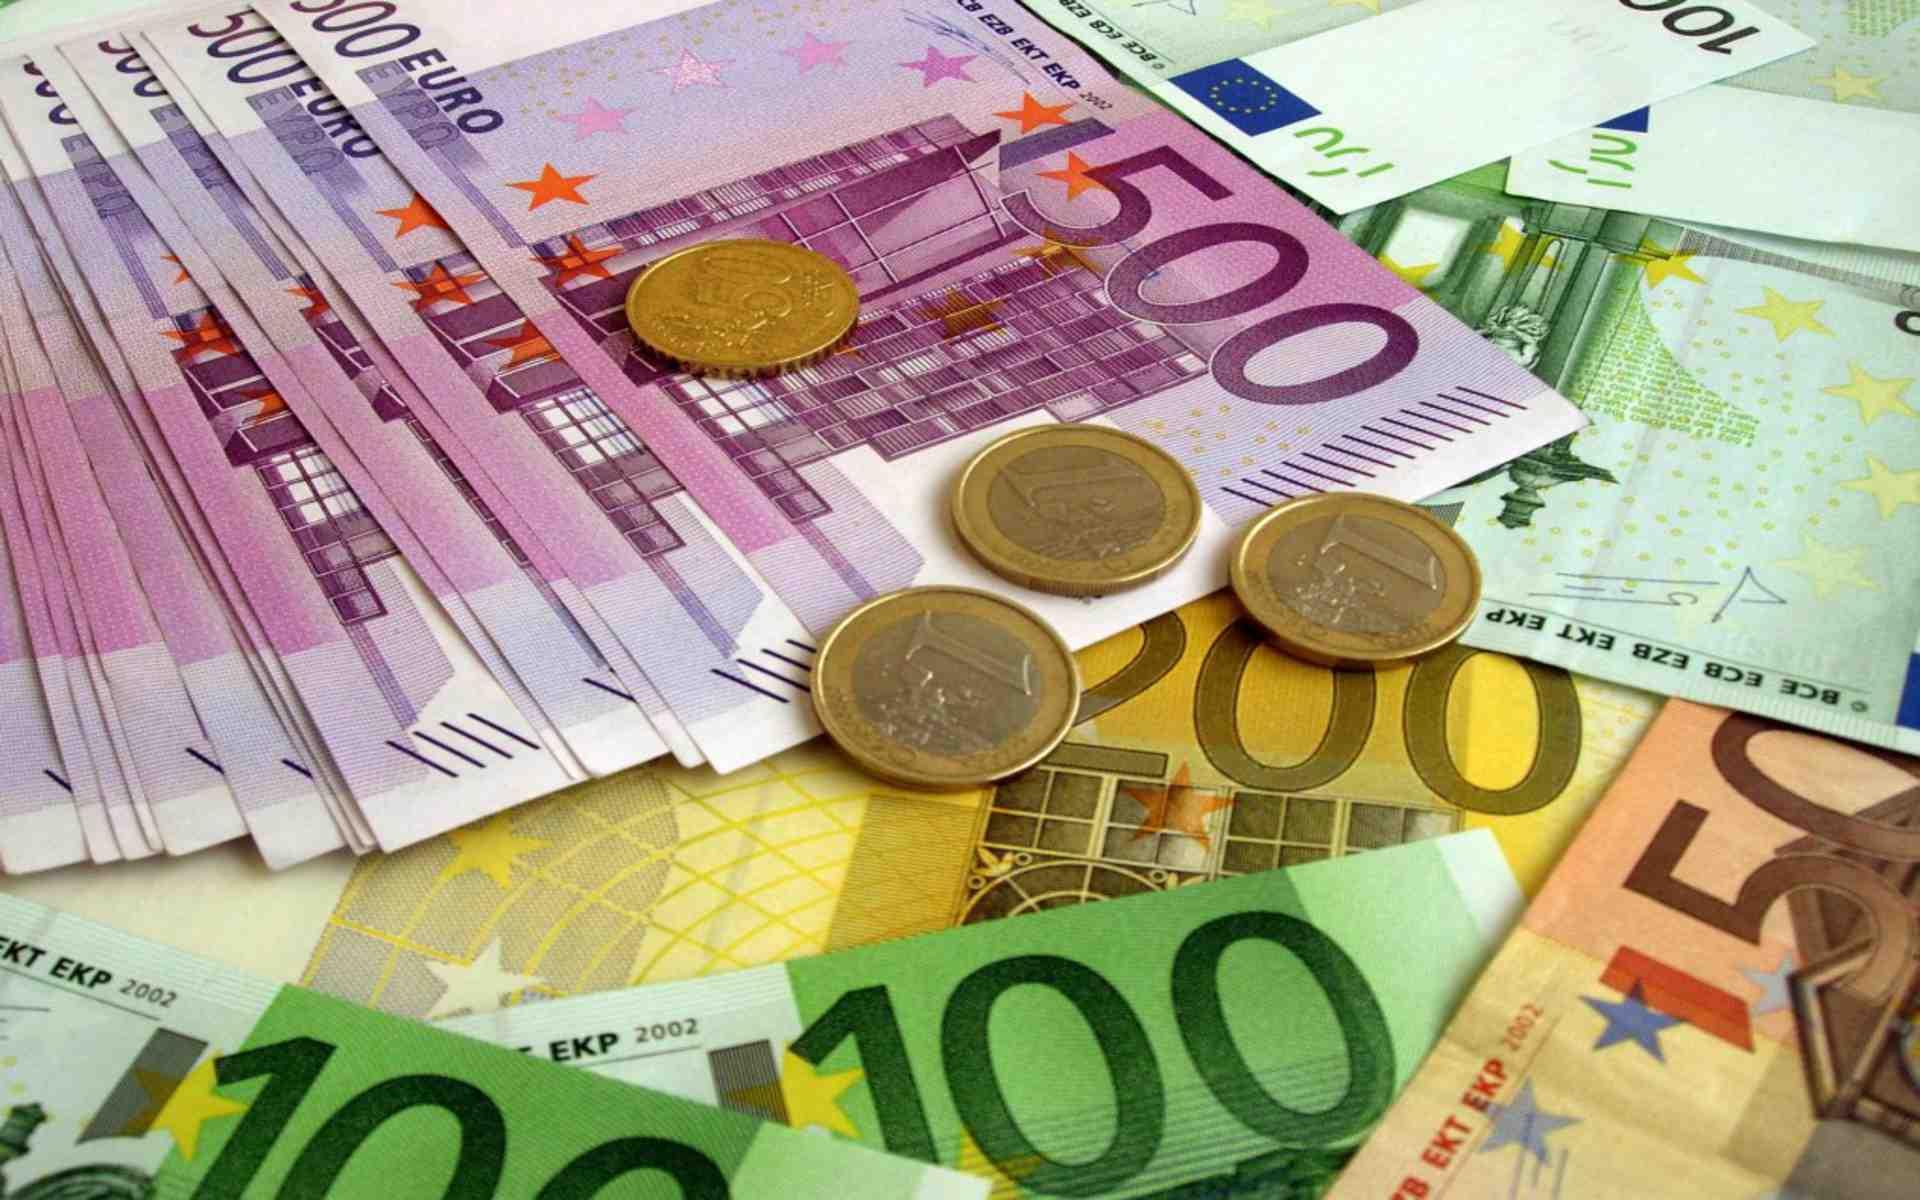 Το δημόσιο χρέος της Βόρειας Μακεδονίας αντιπροσωπεύει το 42,2% του ΑΕΠ